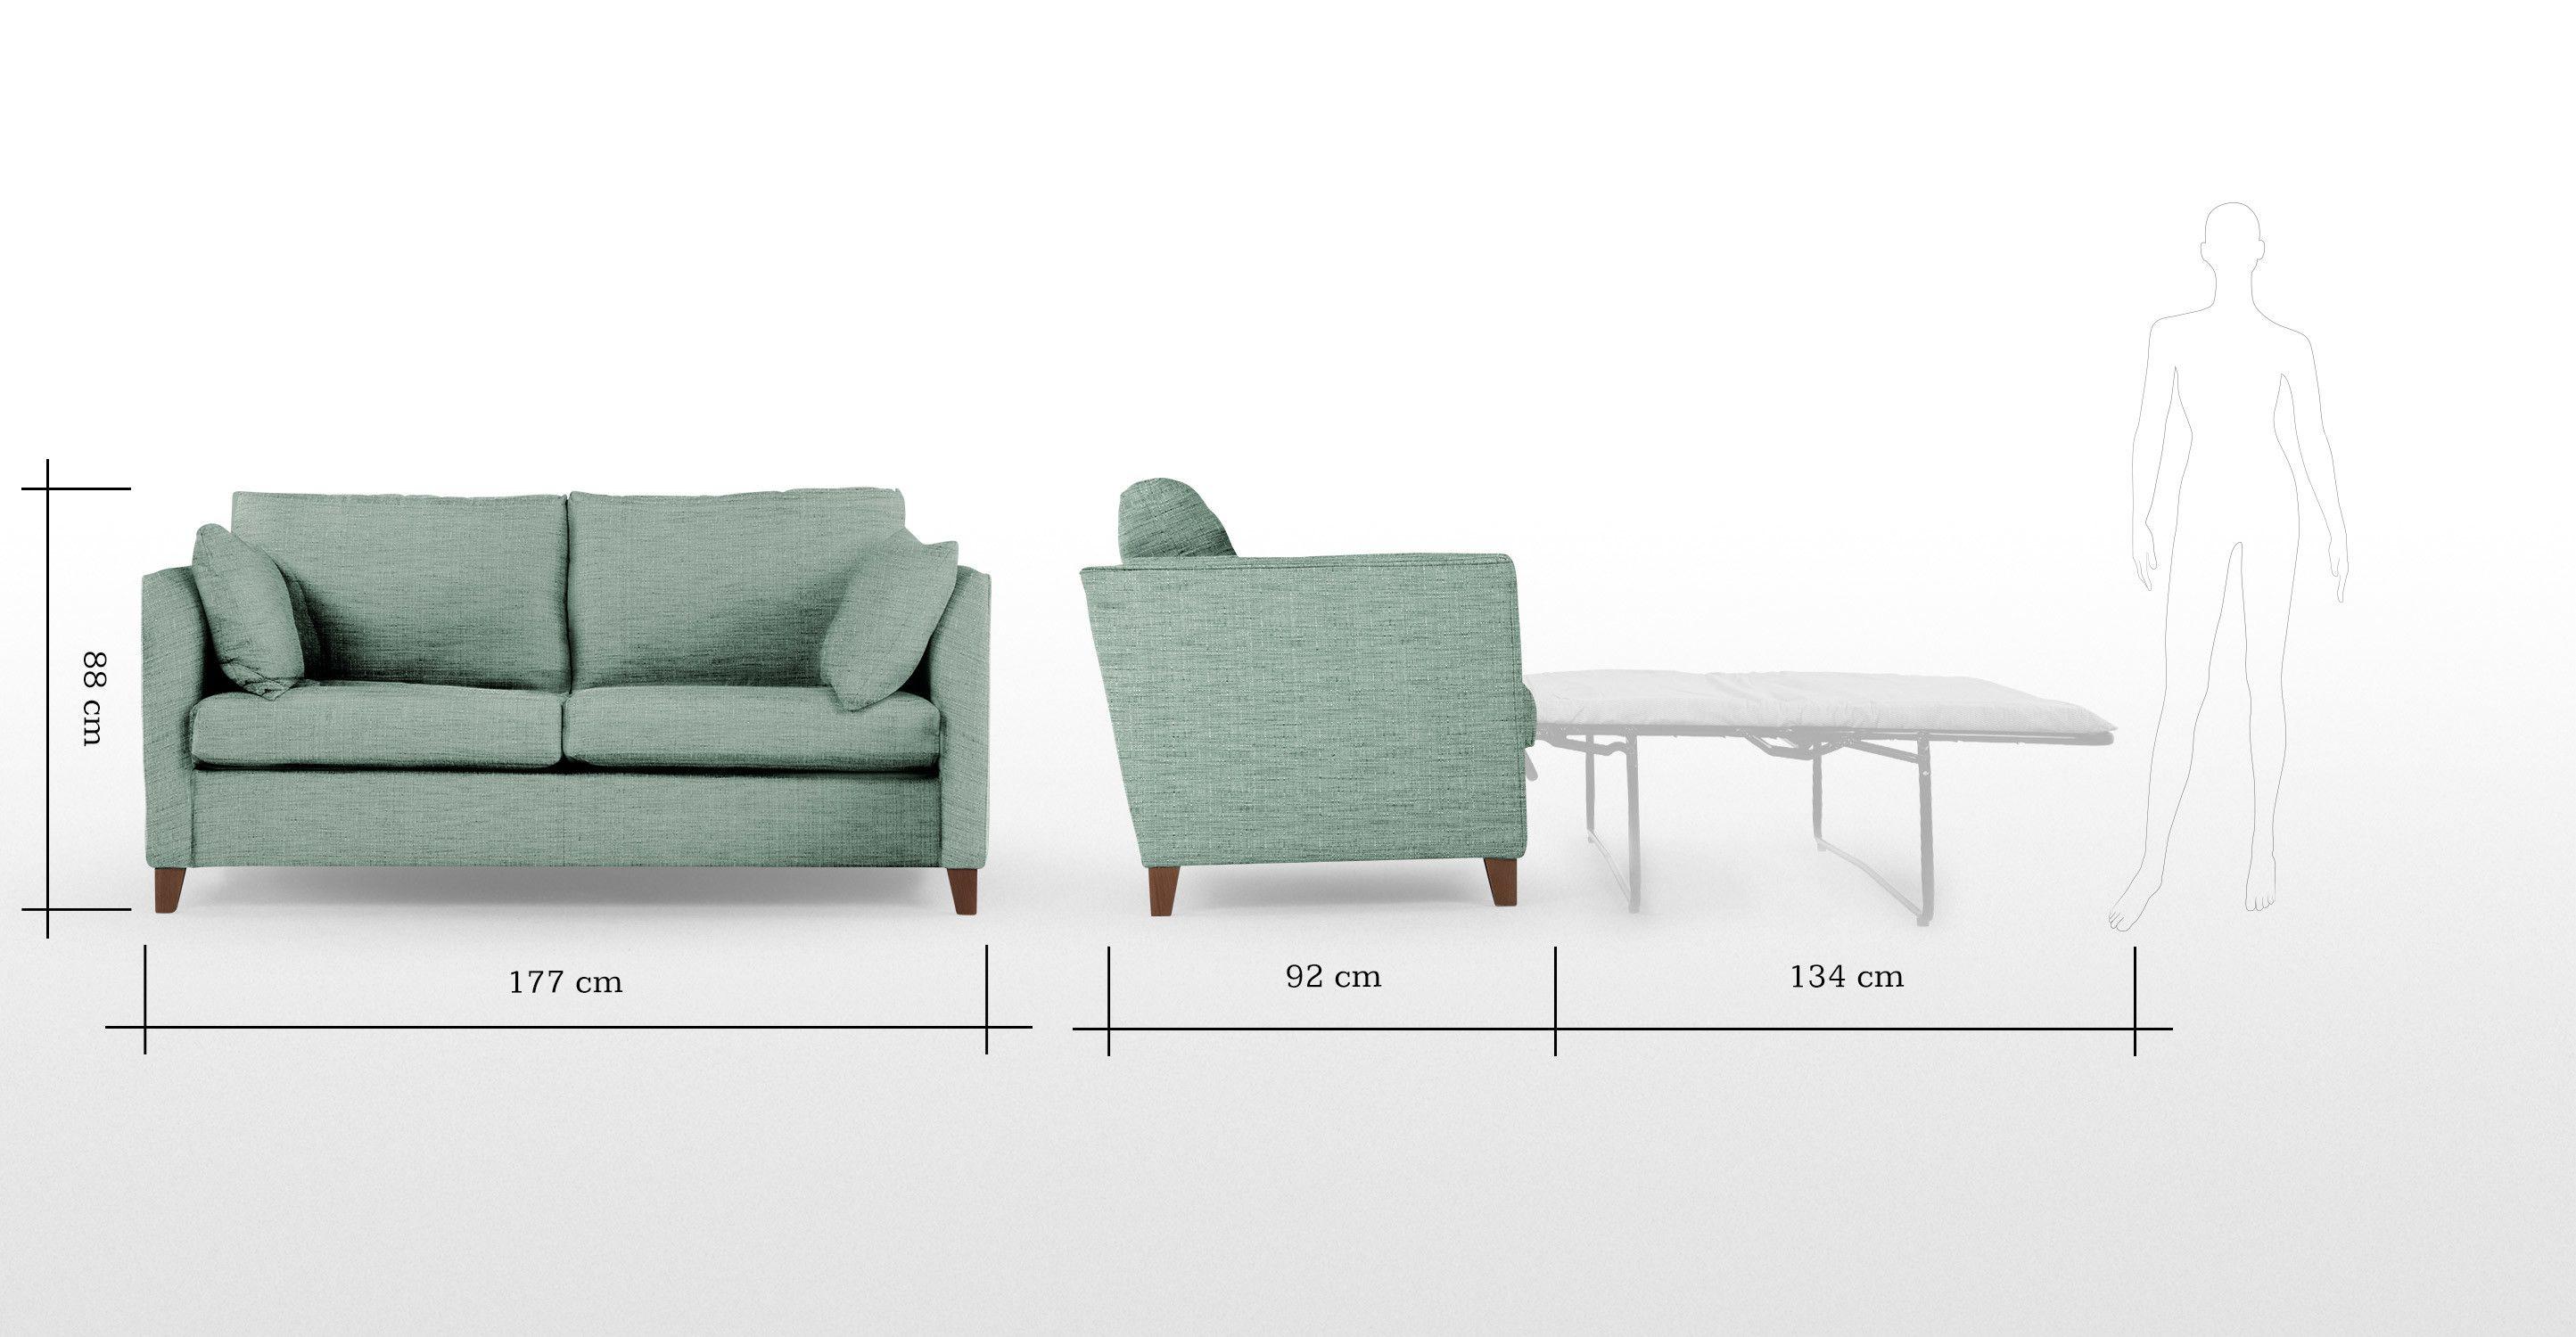 Installez Vous Confortablement Sur Les Canapes Moelleux De La